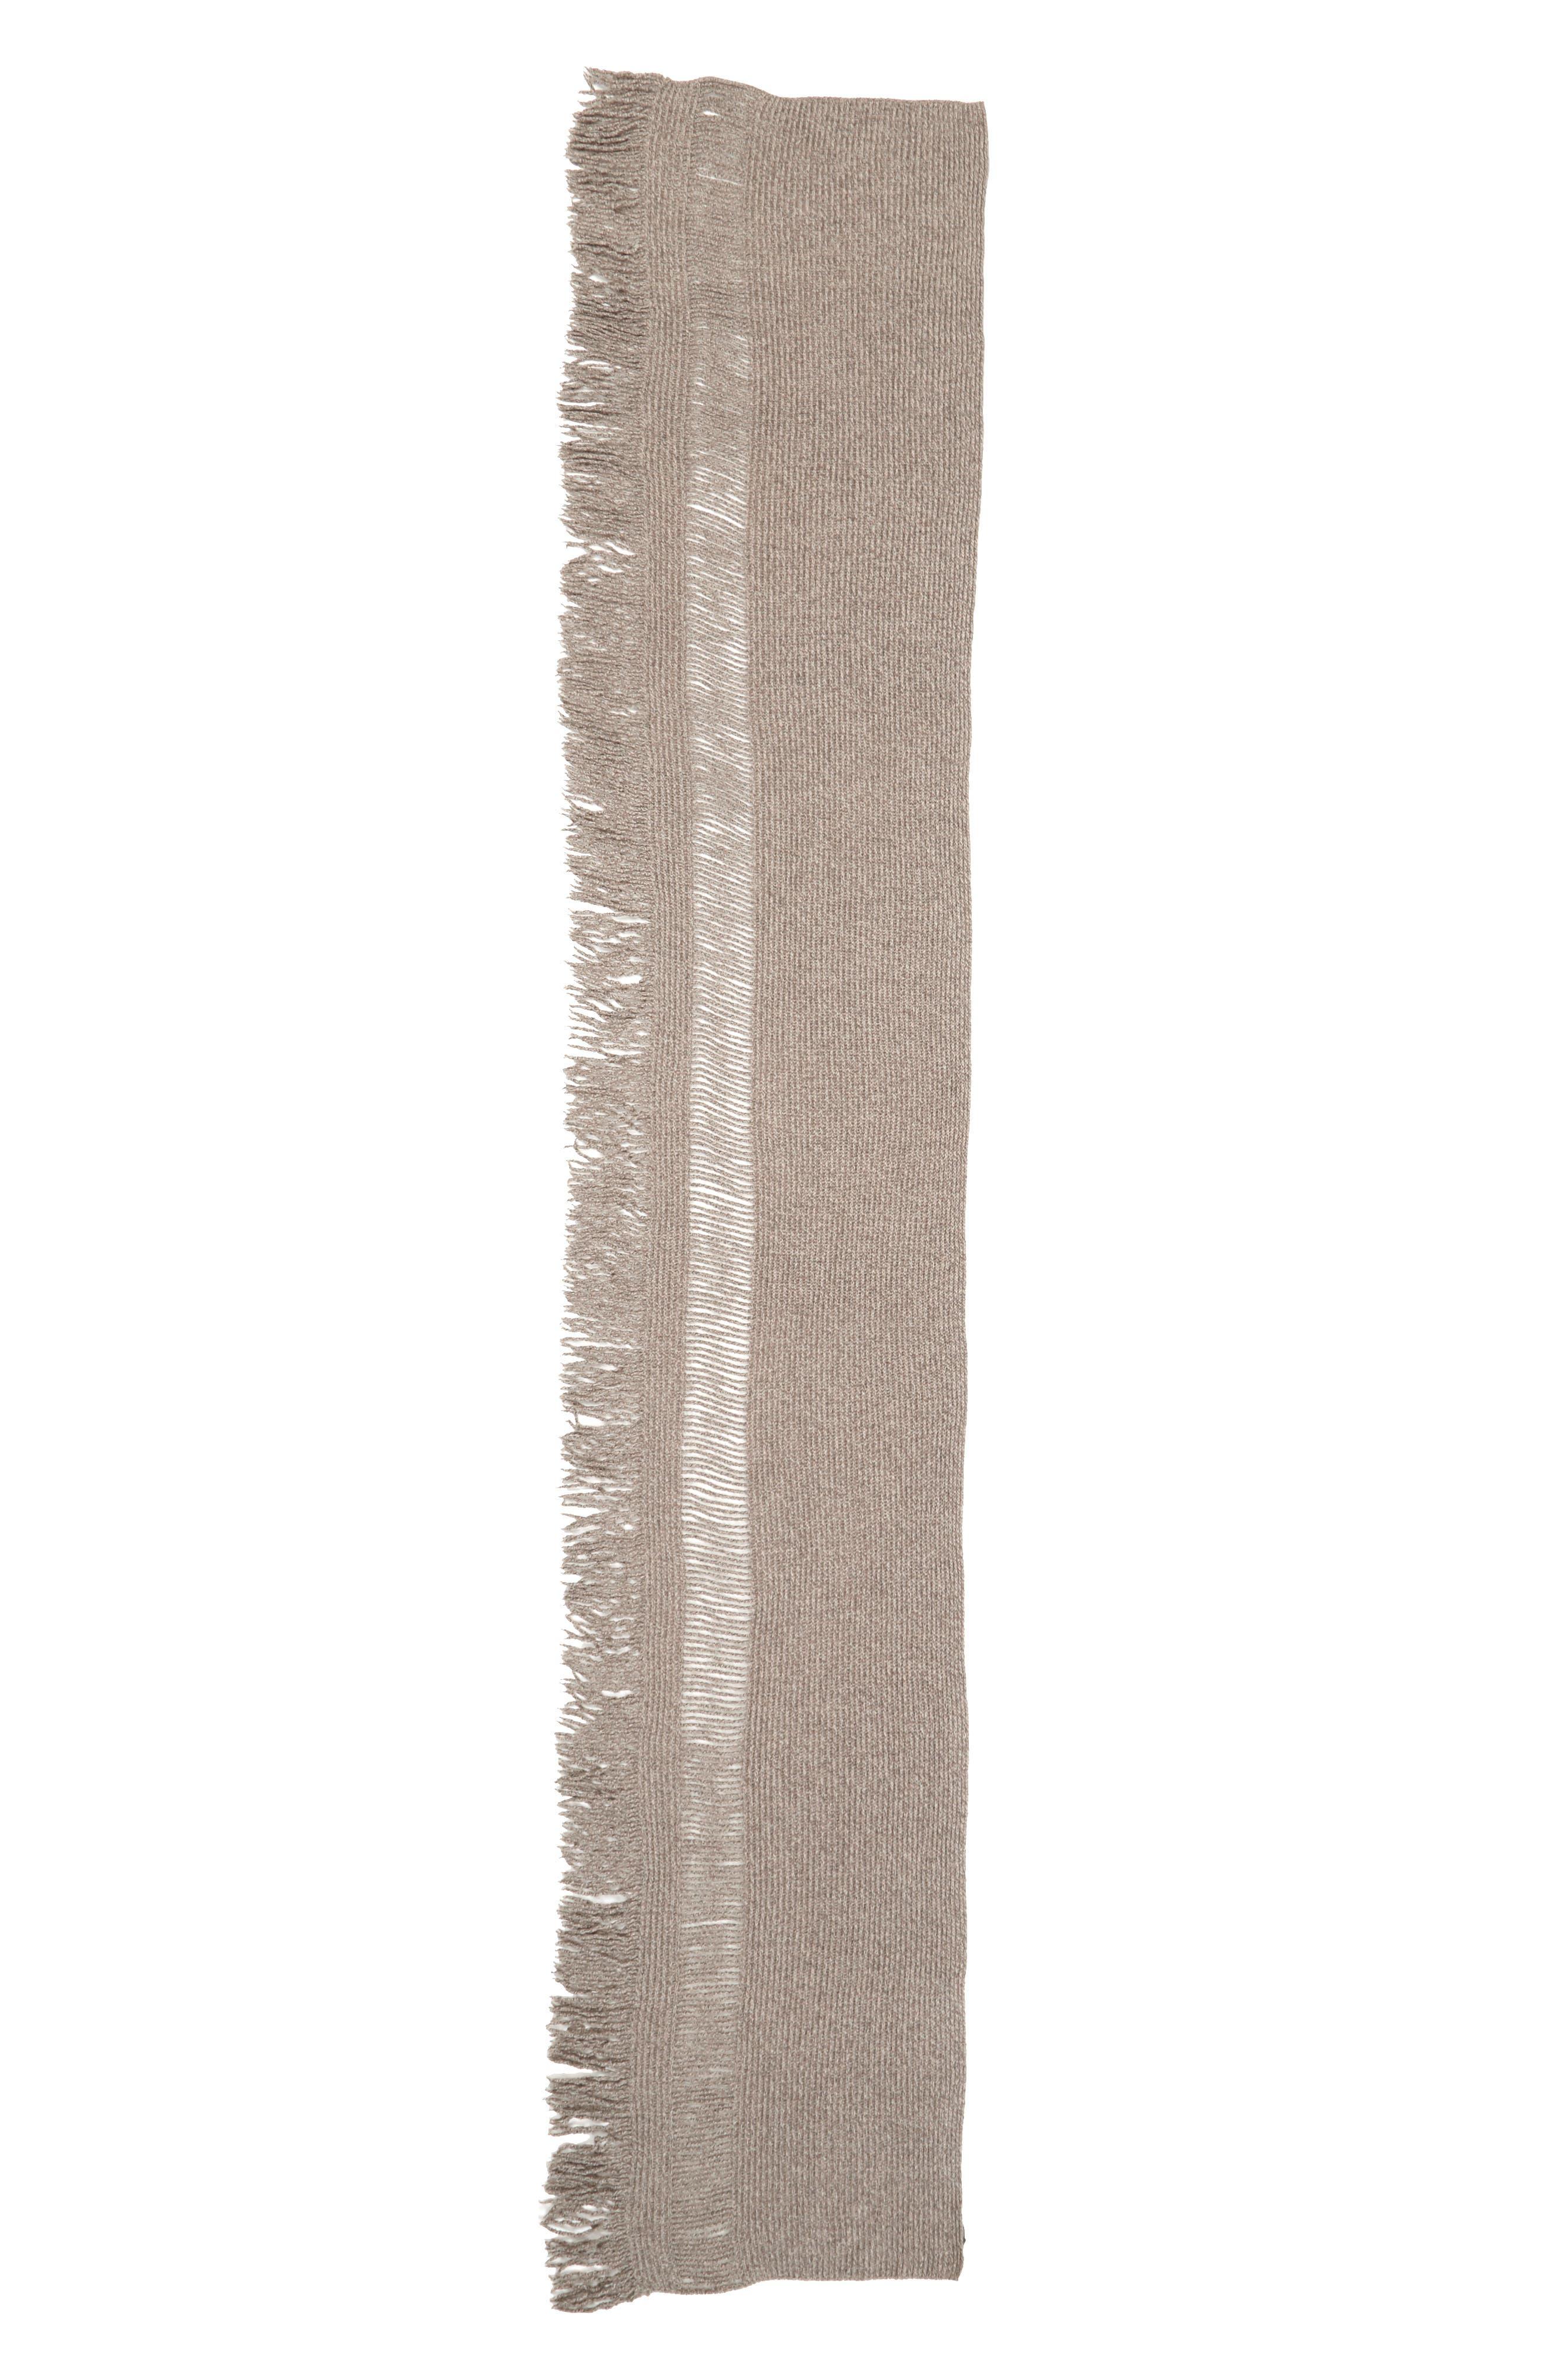 Alternate Image 2  - Stella McCartney Fringe Cashmere & Wool Scarf